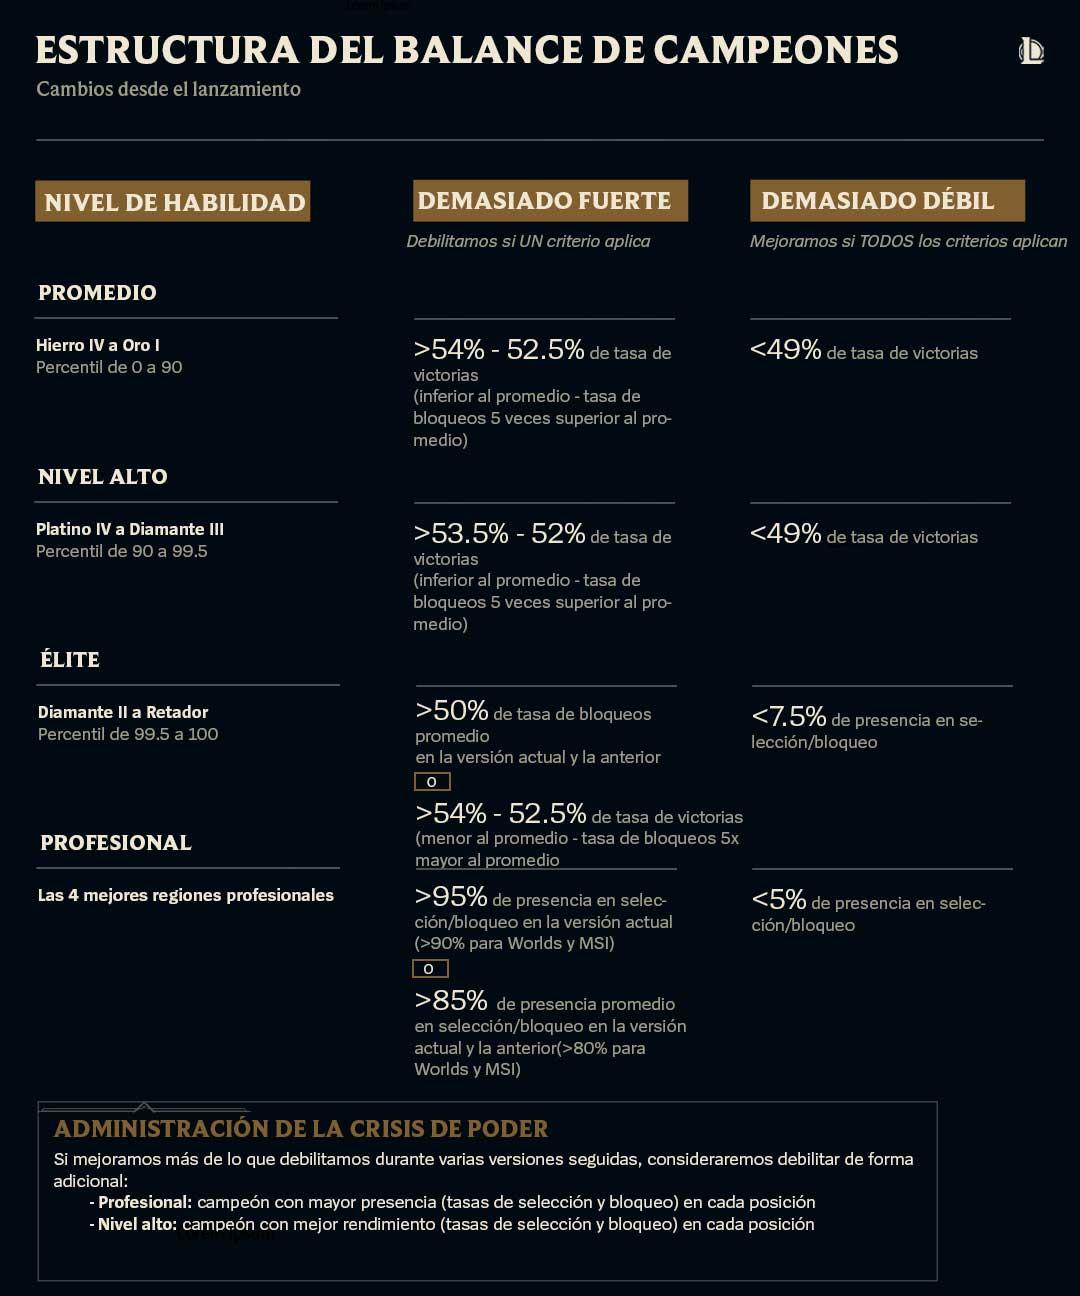 Estructura del Balance de Campeones